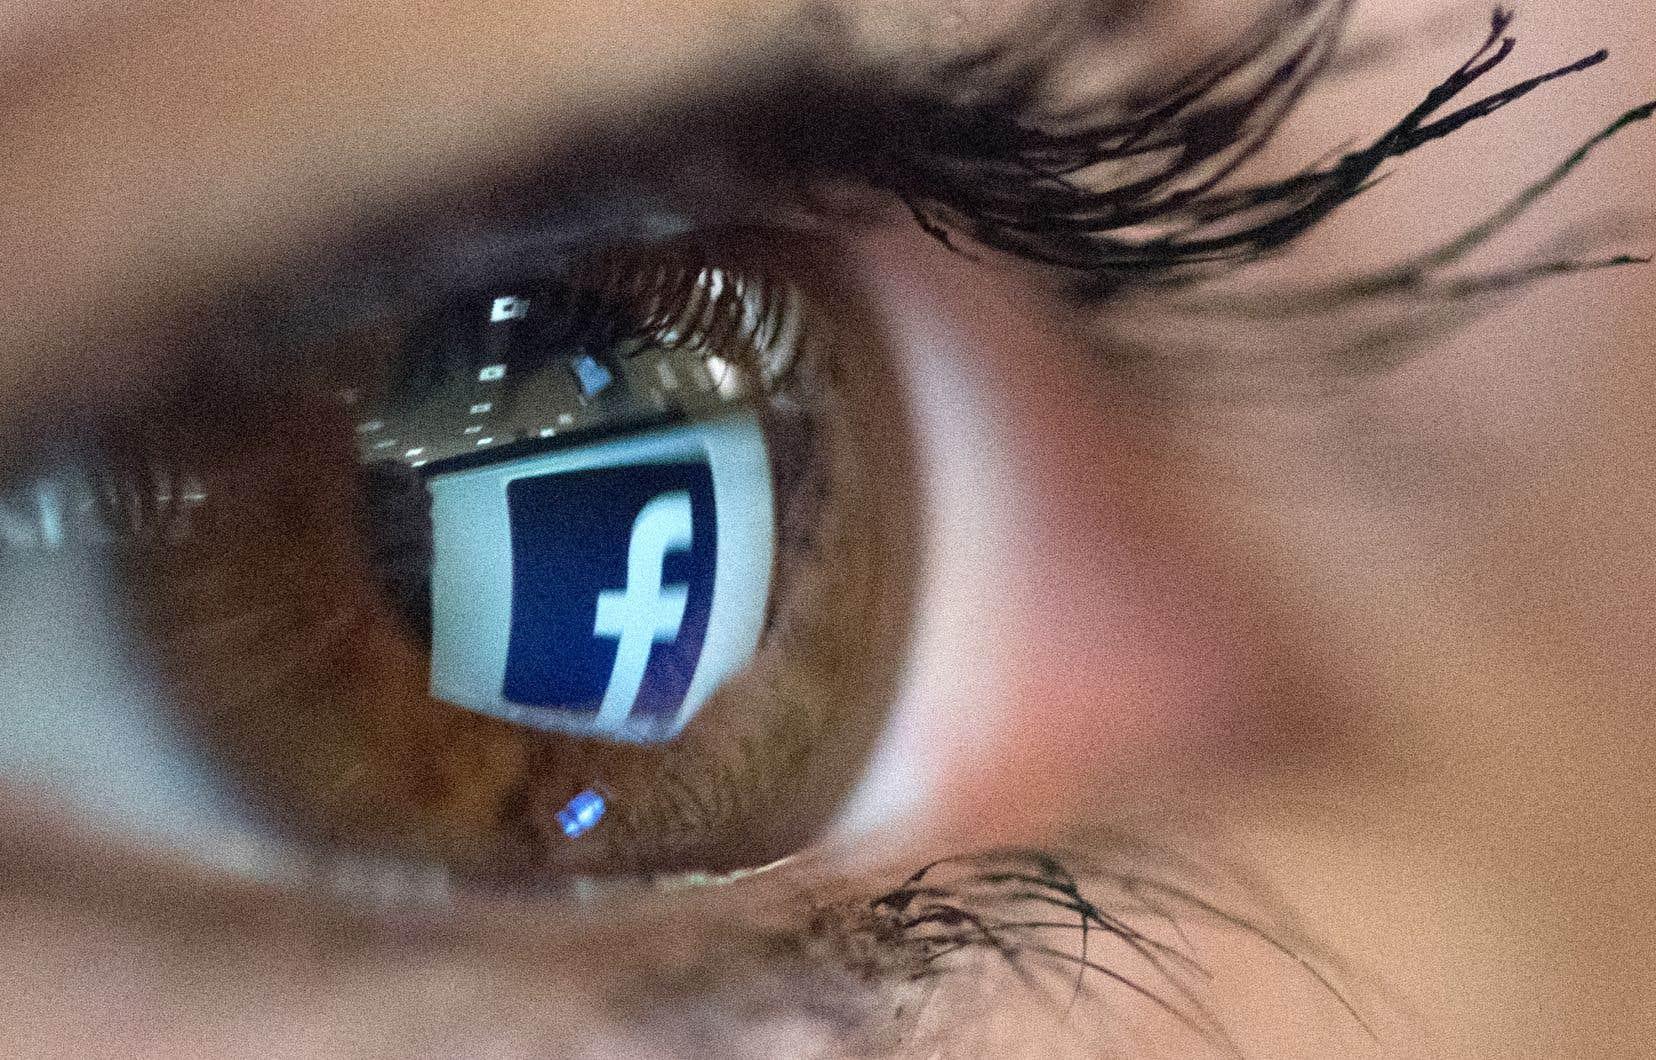 Facebook a accepté mercredi de payer 550millions de dollars après avoir échoué à obtenir un non-lieu dans une procédure judiciaire.